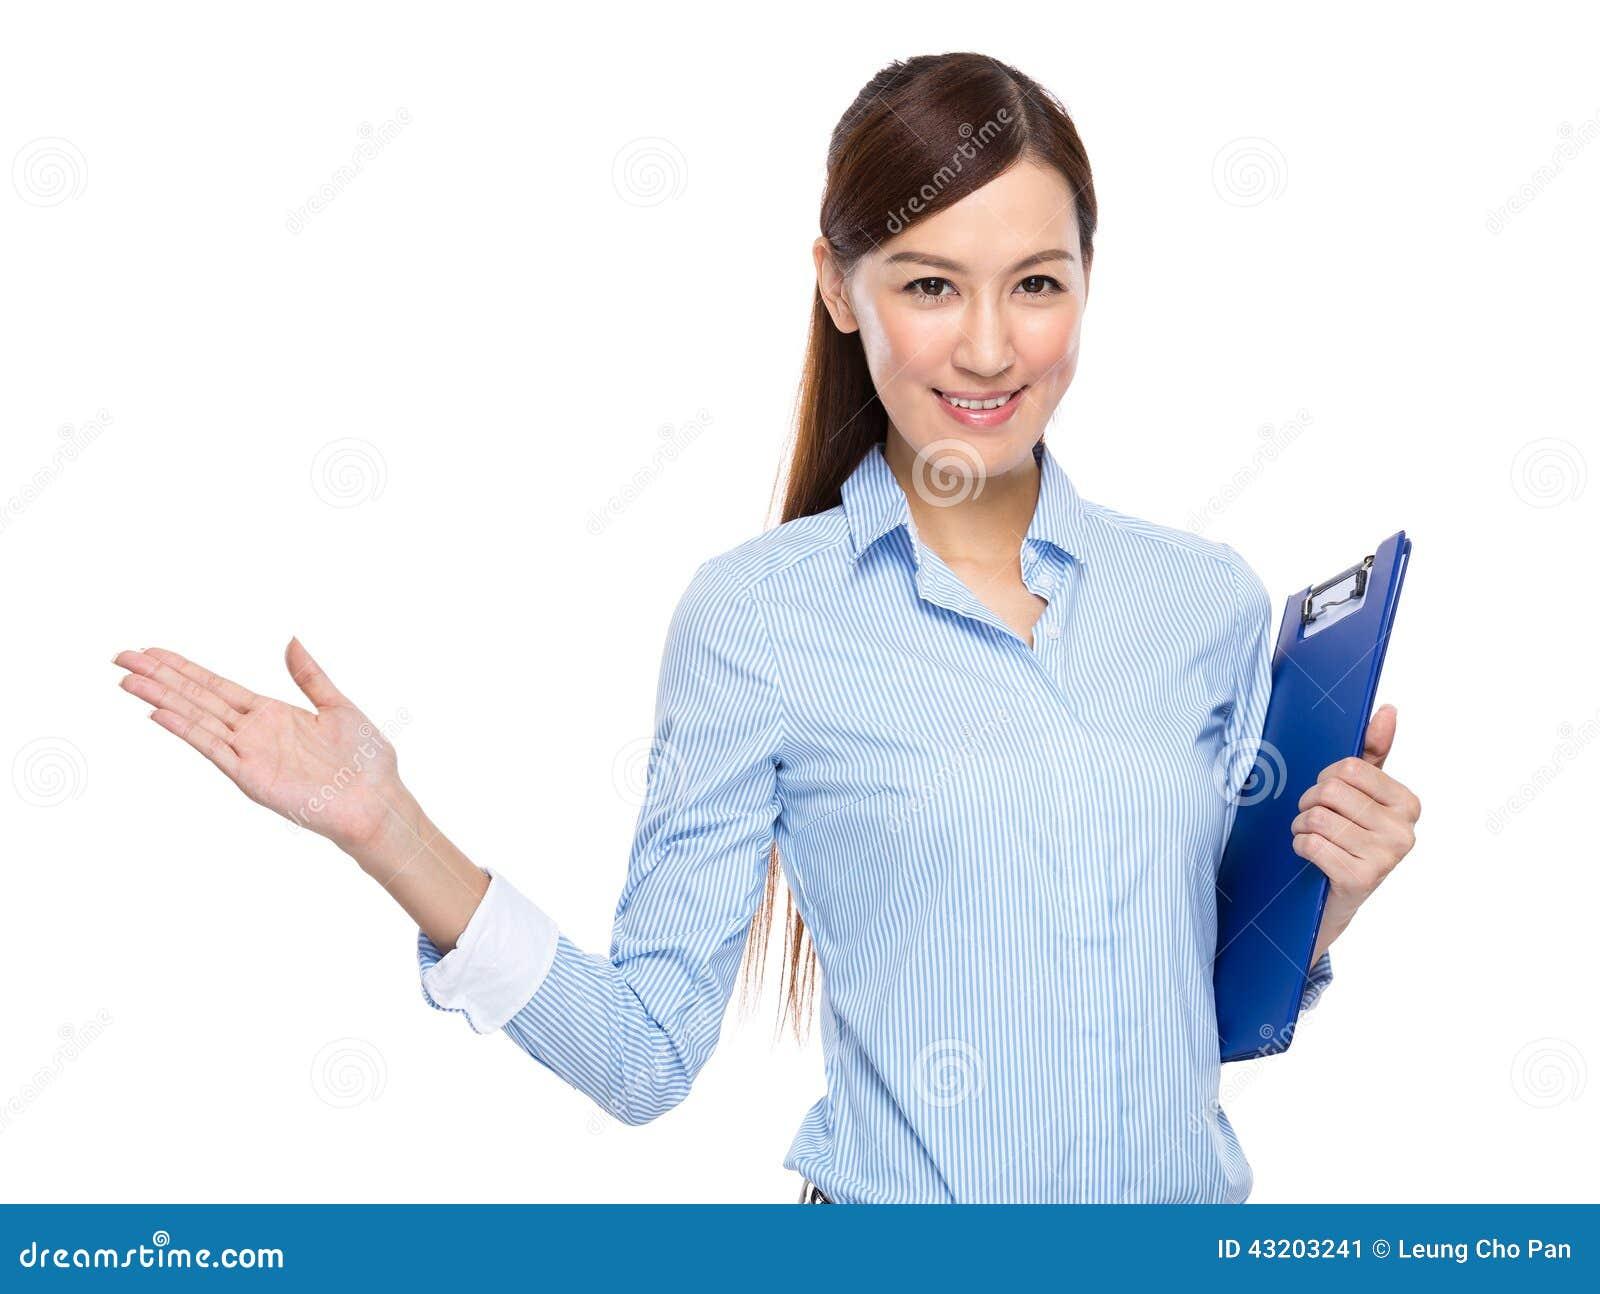 Download Affärskvinnan Med Skrivplattan Och öppnar Handen Gömma I Handflatan Fotografering för Bildbyråer - Bild av hand, ledare: 43203241